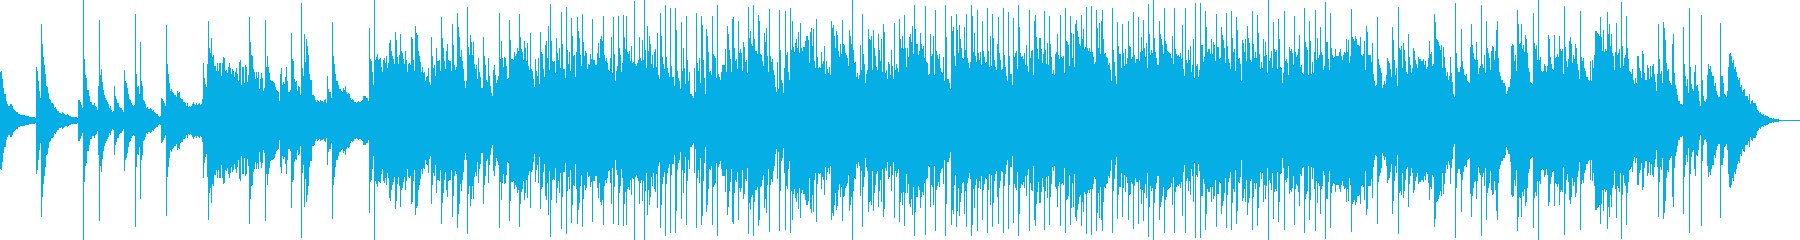 和楽器とスローグルーヴが融合した心地よさの再生済みの波形